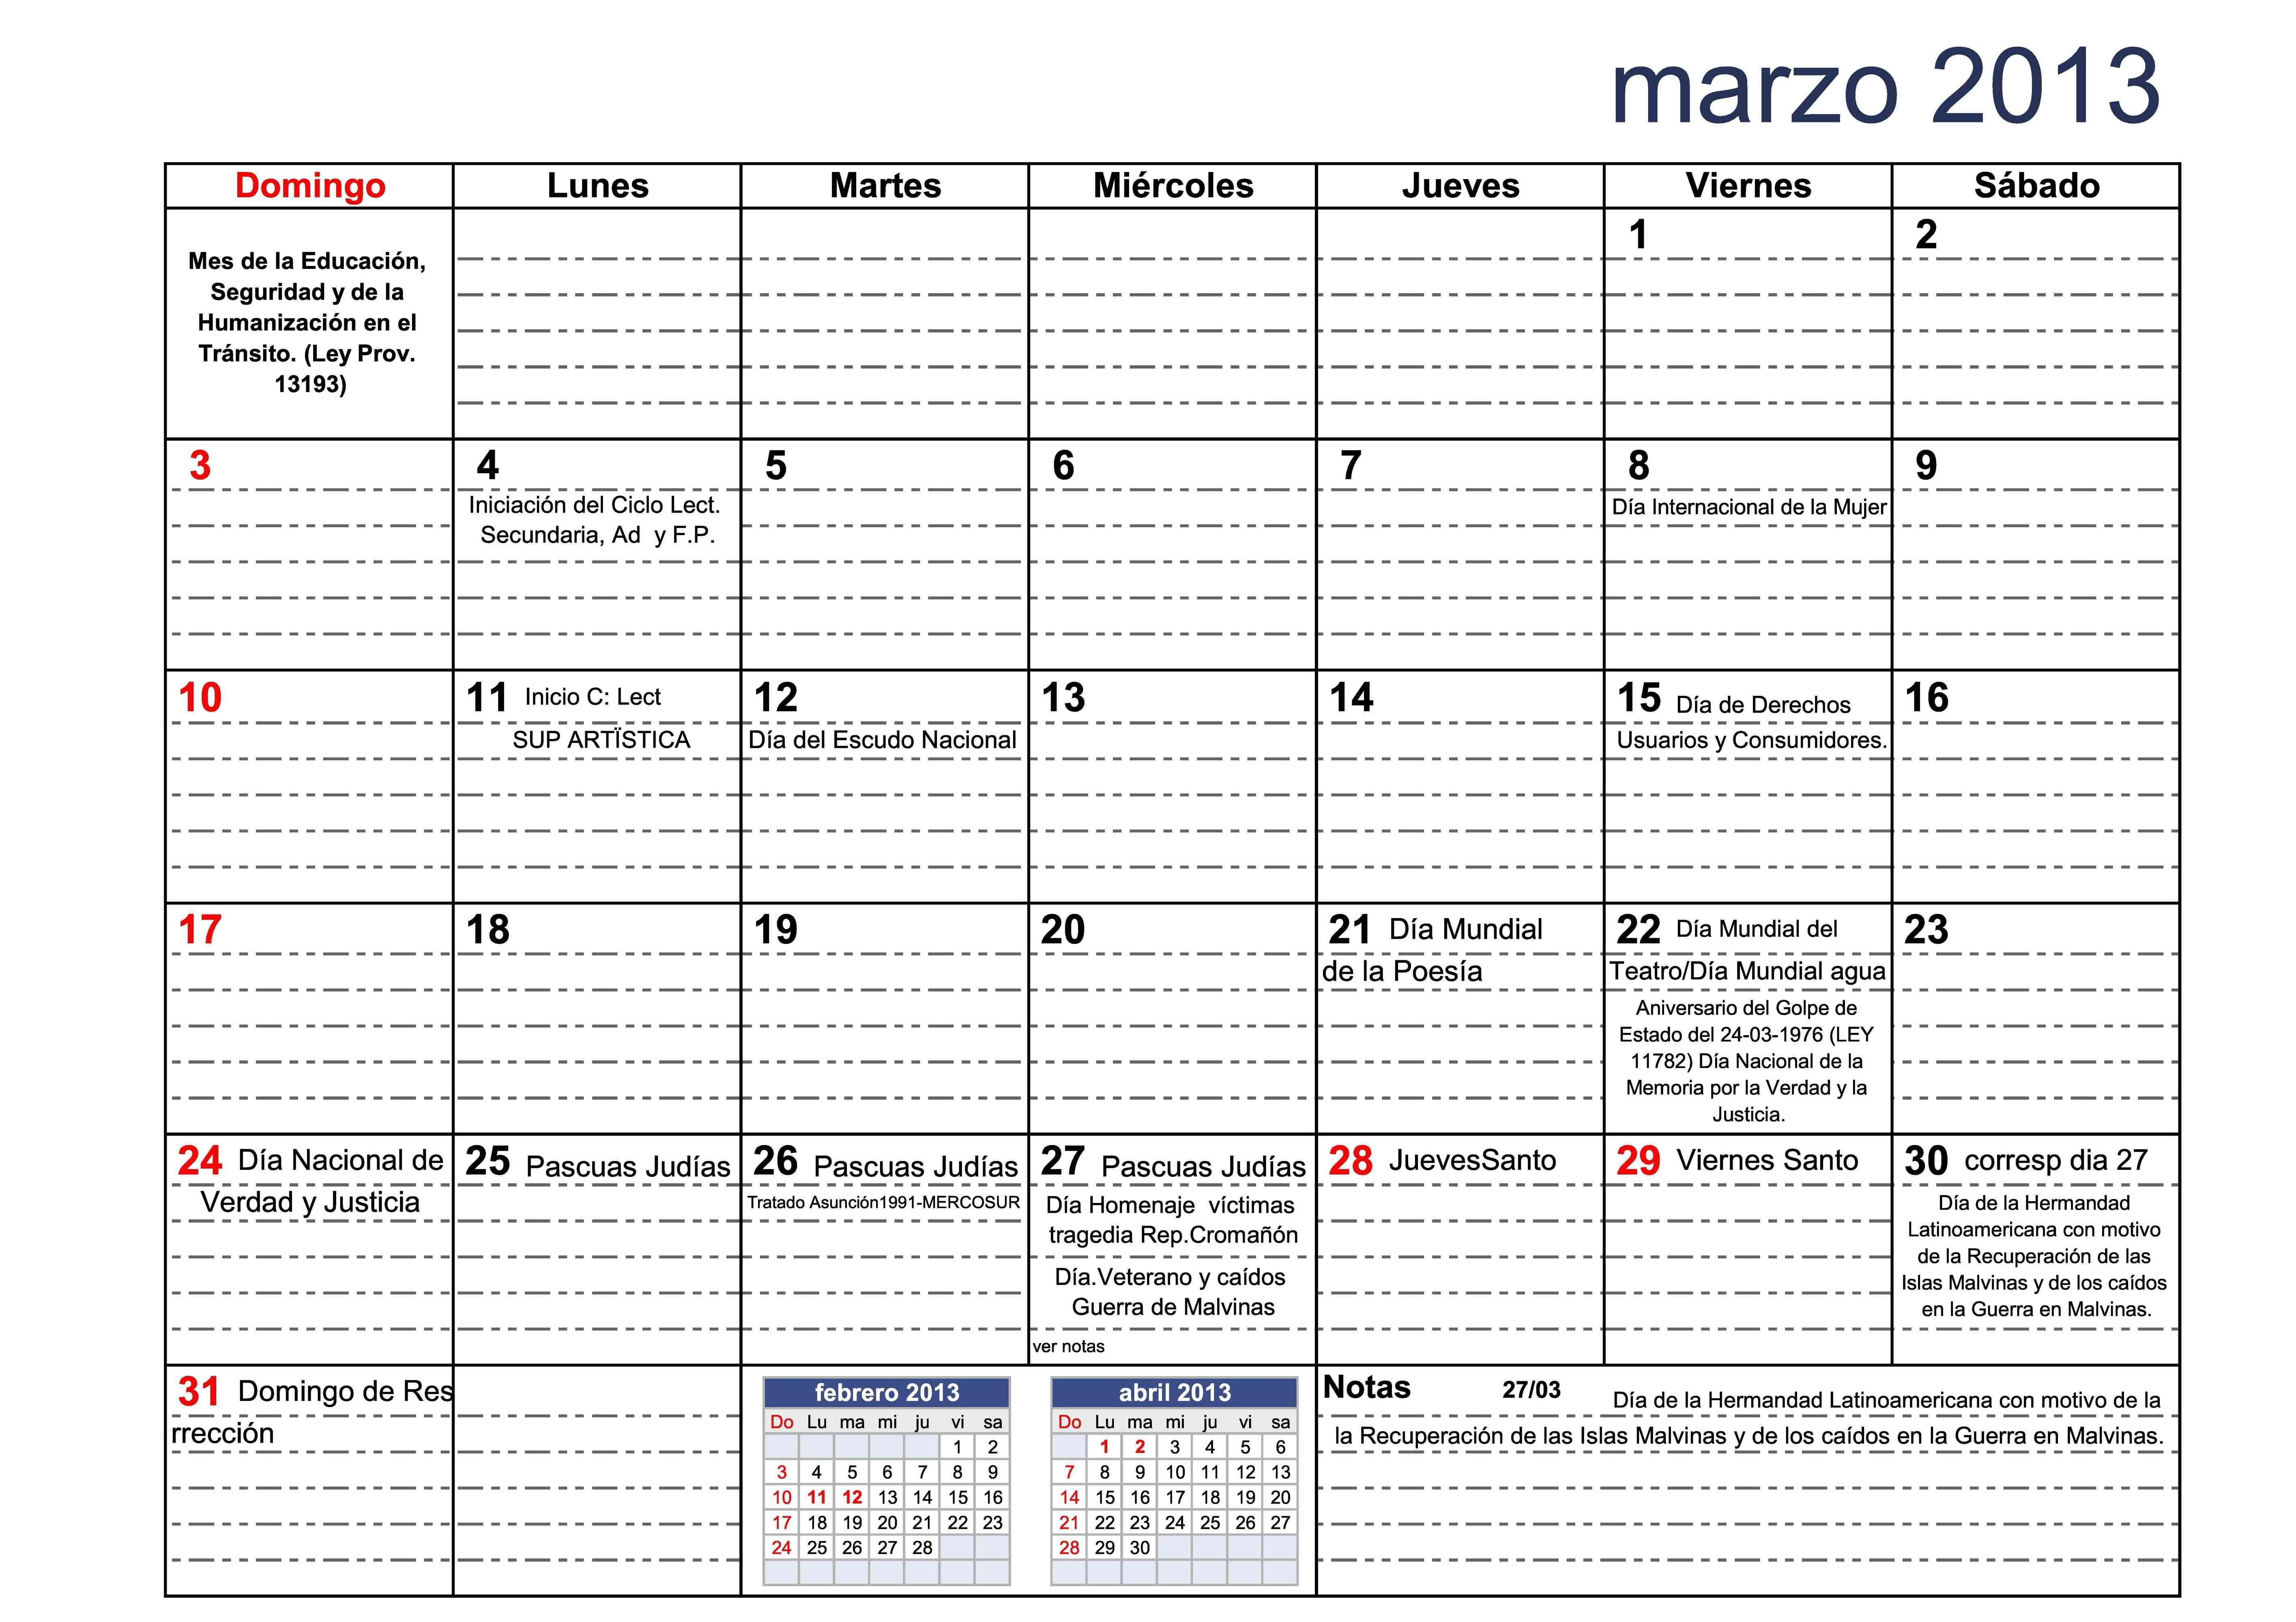 files.wordpress.com/2013/03/calendario-2013-marzo-con-cal-escolar.pdf